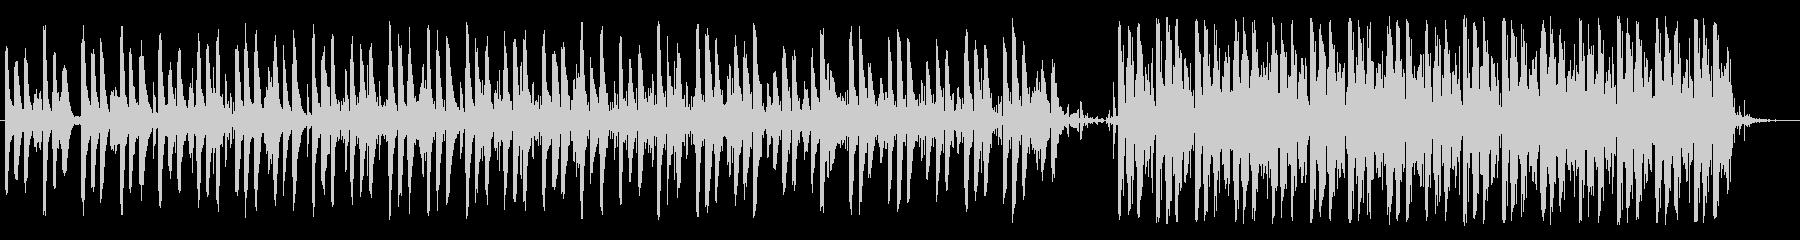 アンニュイなテクノポップの未再生の波形